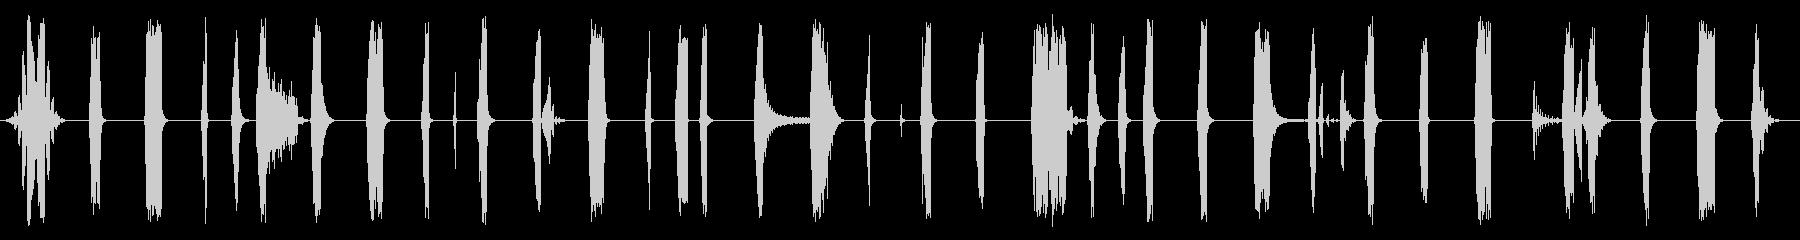 静的ポッパー溝の未再生の波形